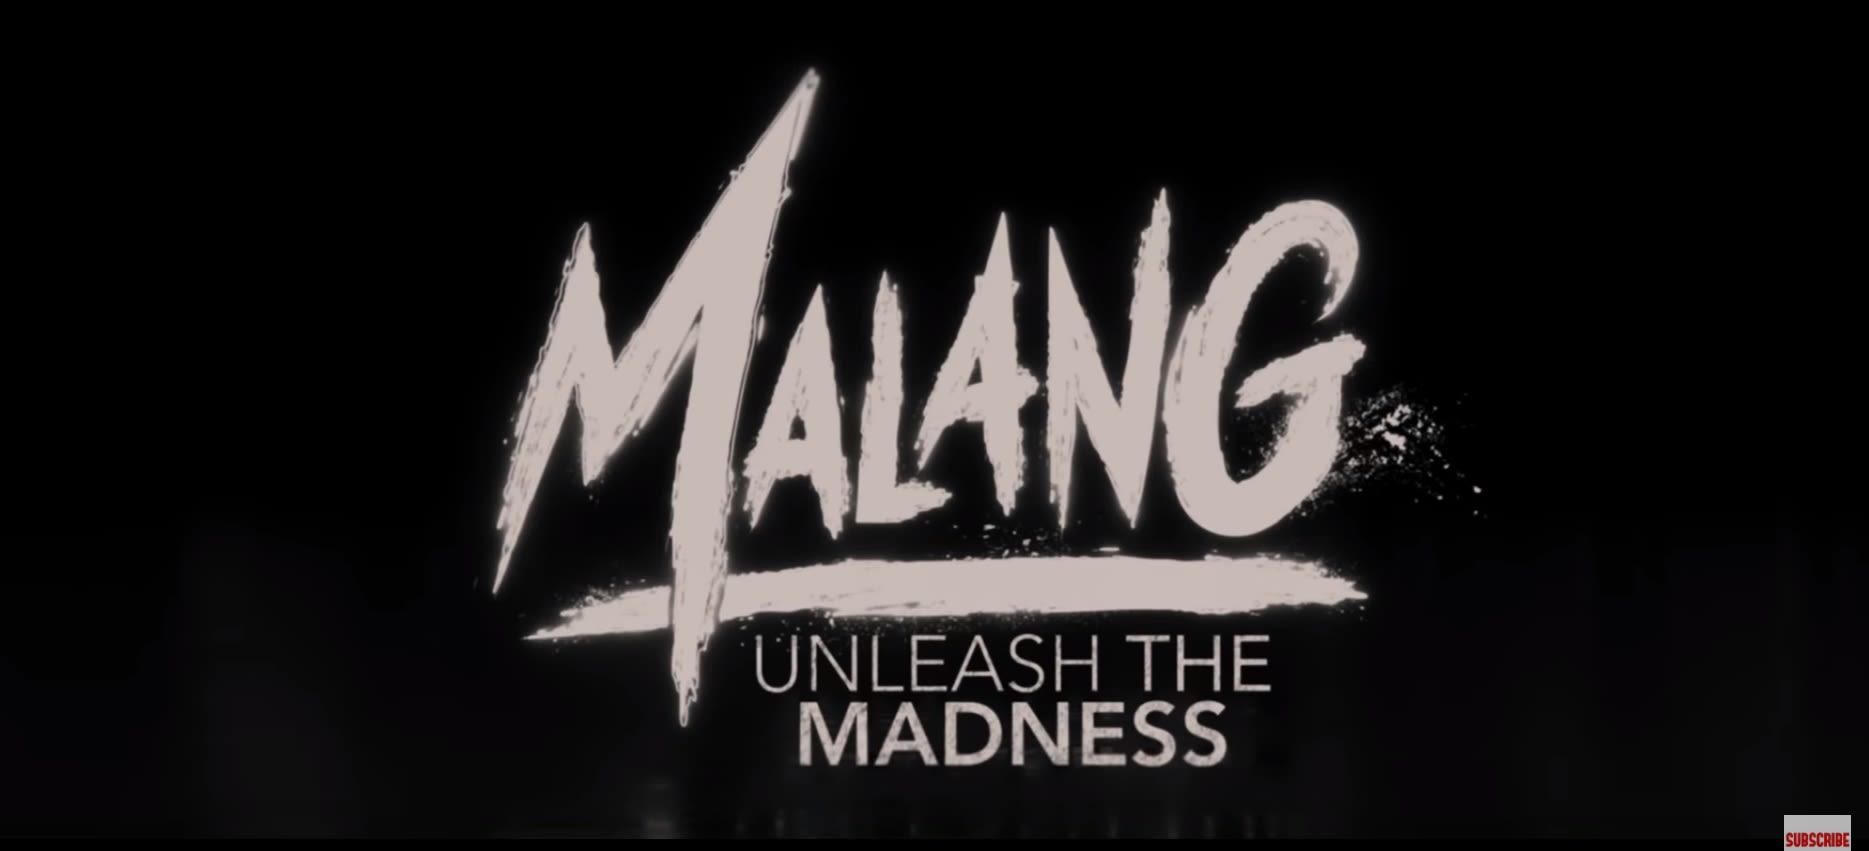 Malang Full Movie Download 720p 480p HD Hindi